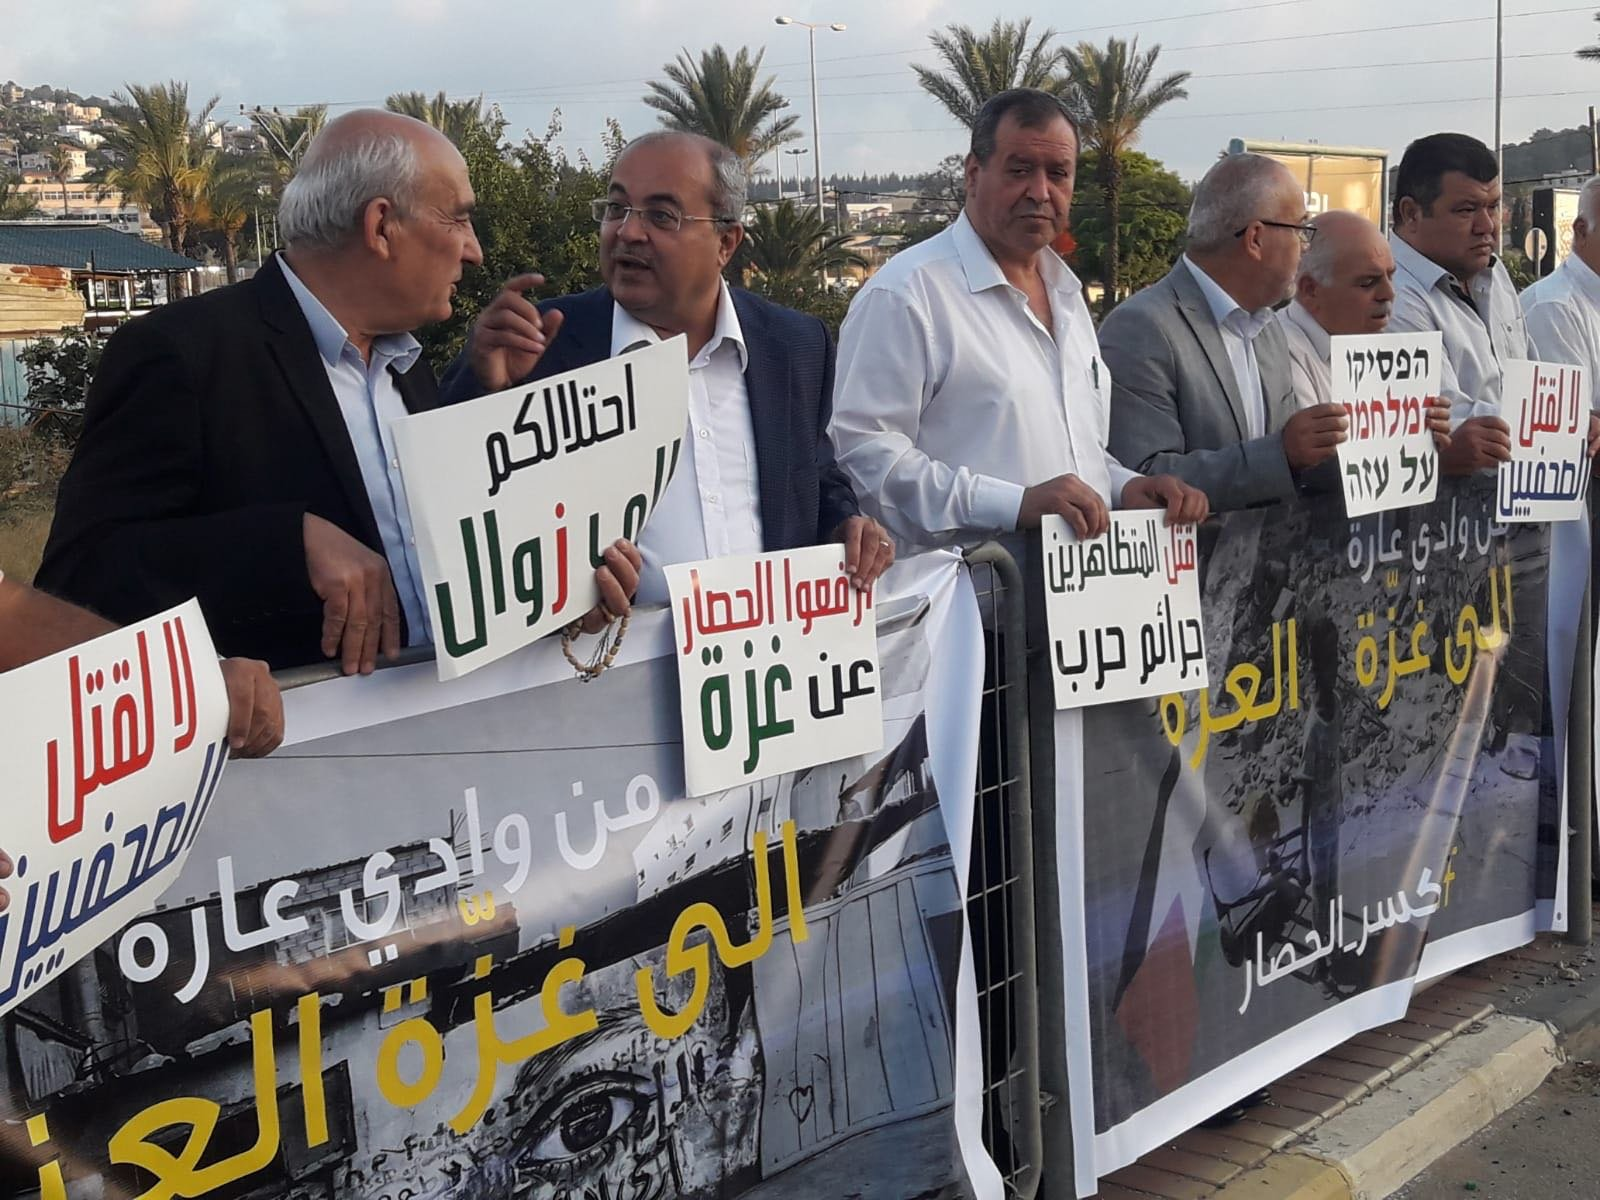 العربية للتغيير تنظم تظاهرة تضامنية مع غزة